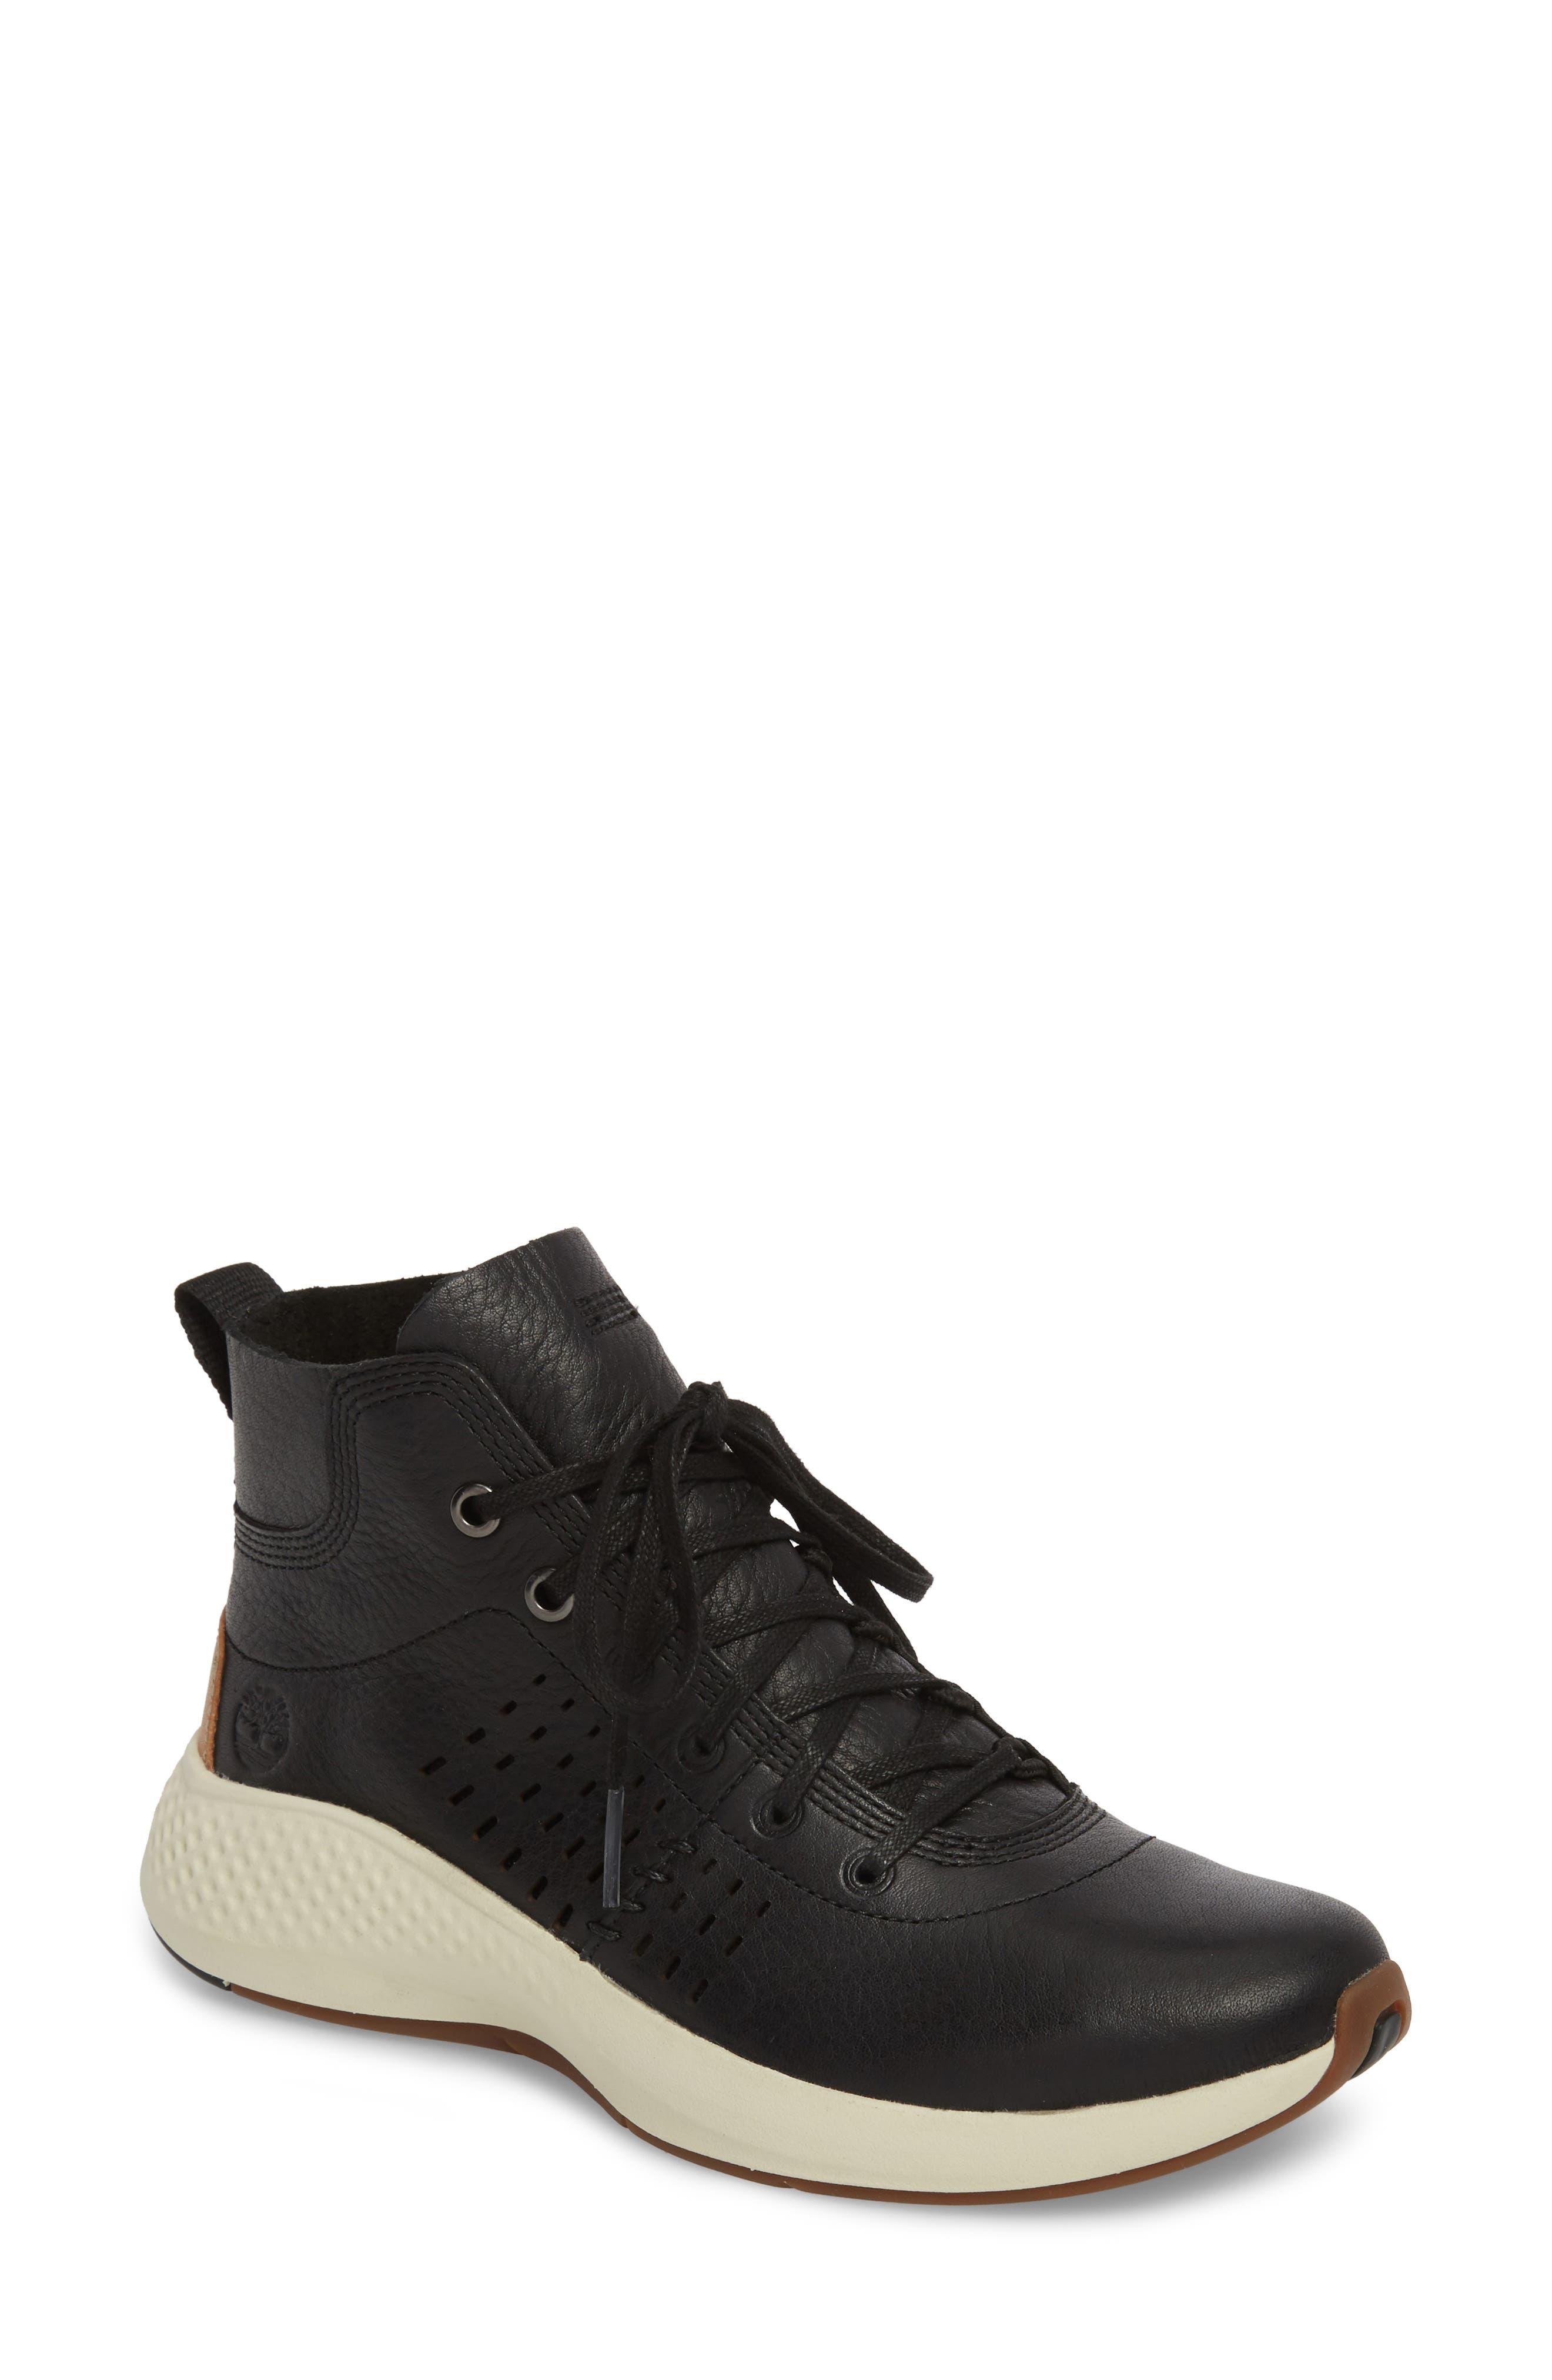 Flyroam Go Chukka Bootie,                             Main thumbnail 1, color,                             Black Leather